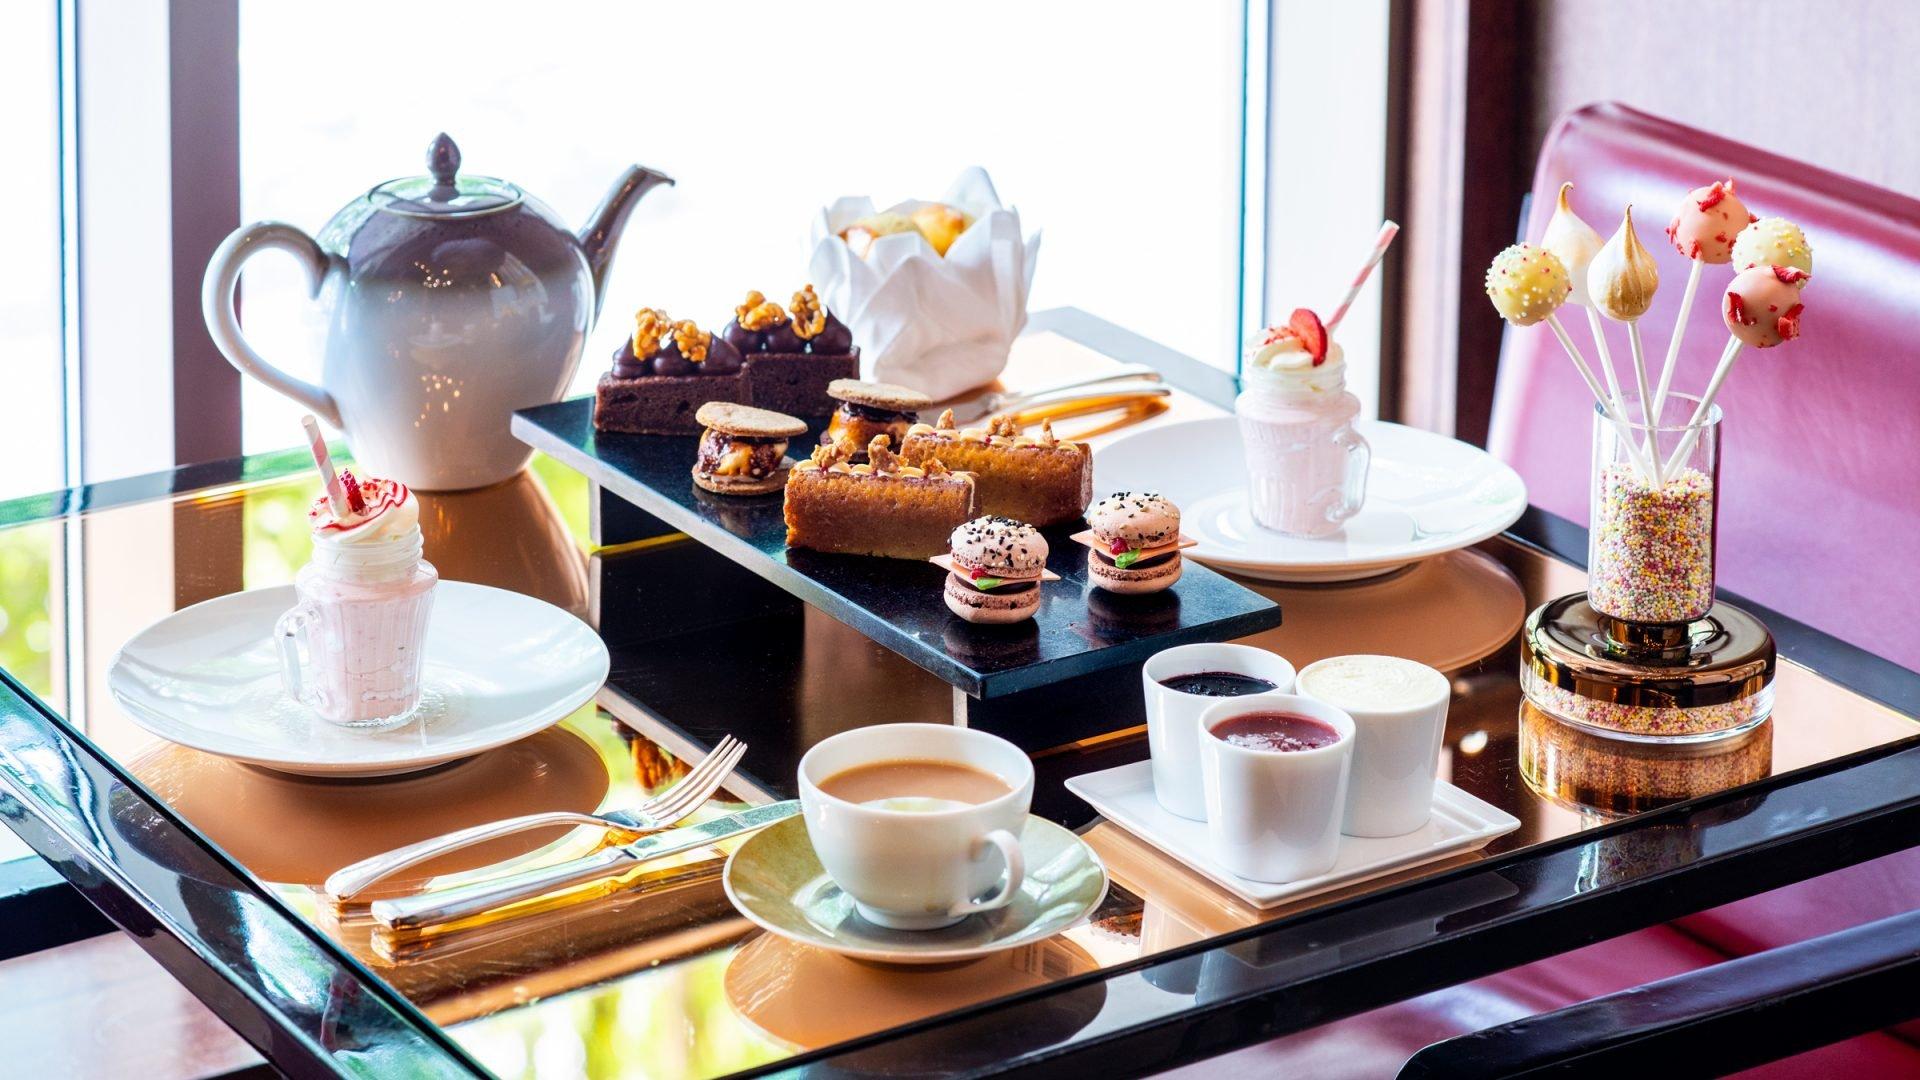 London 45 Park Lane CUT Cakes Table Set Up - Landscape